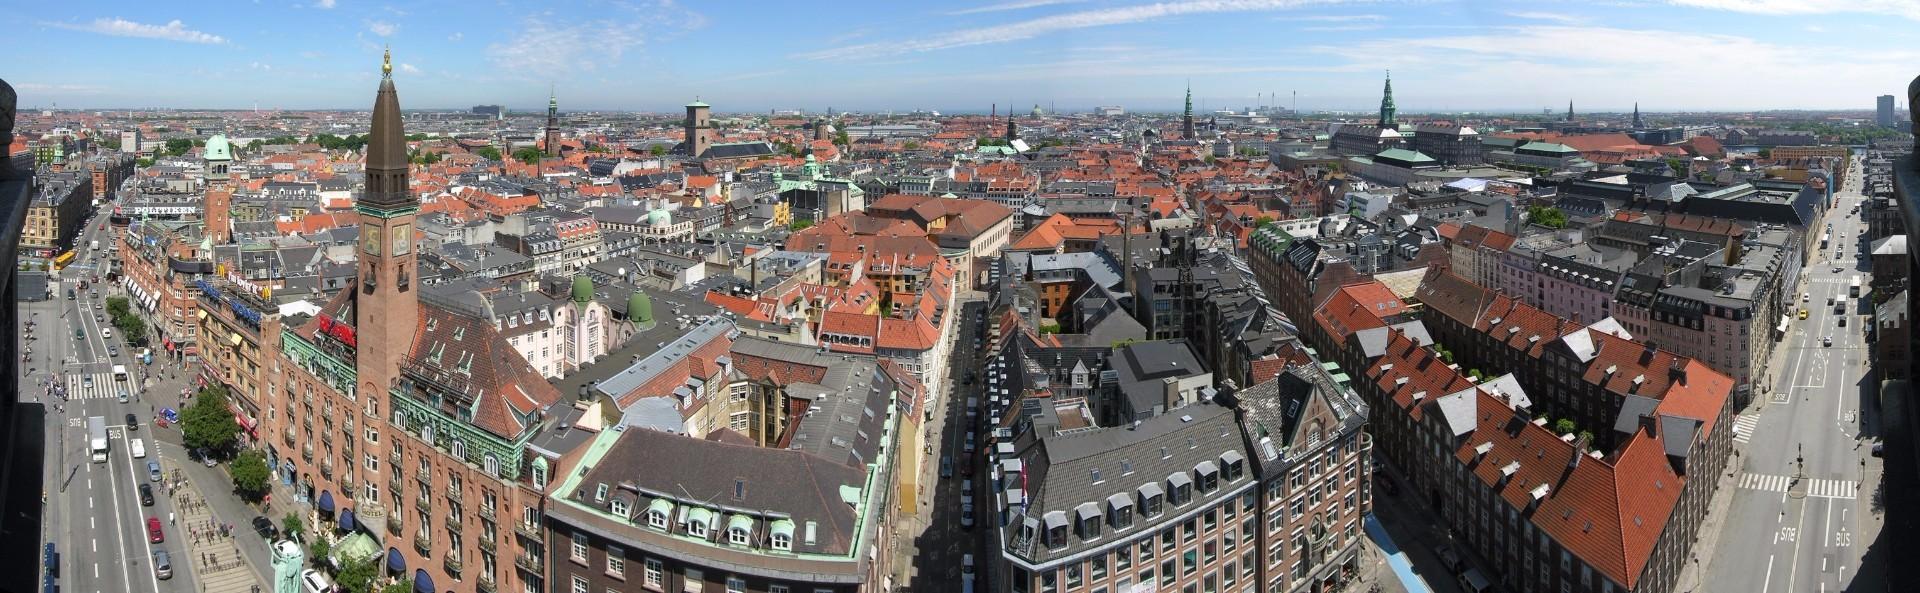 Copenhagen Population in 2017